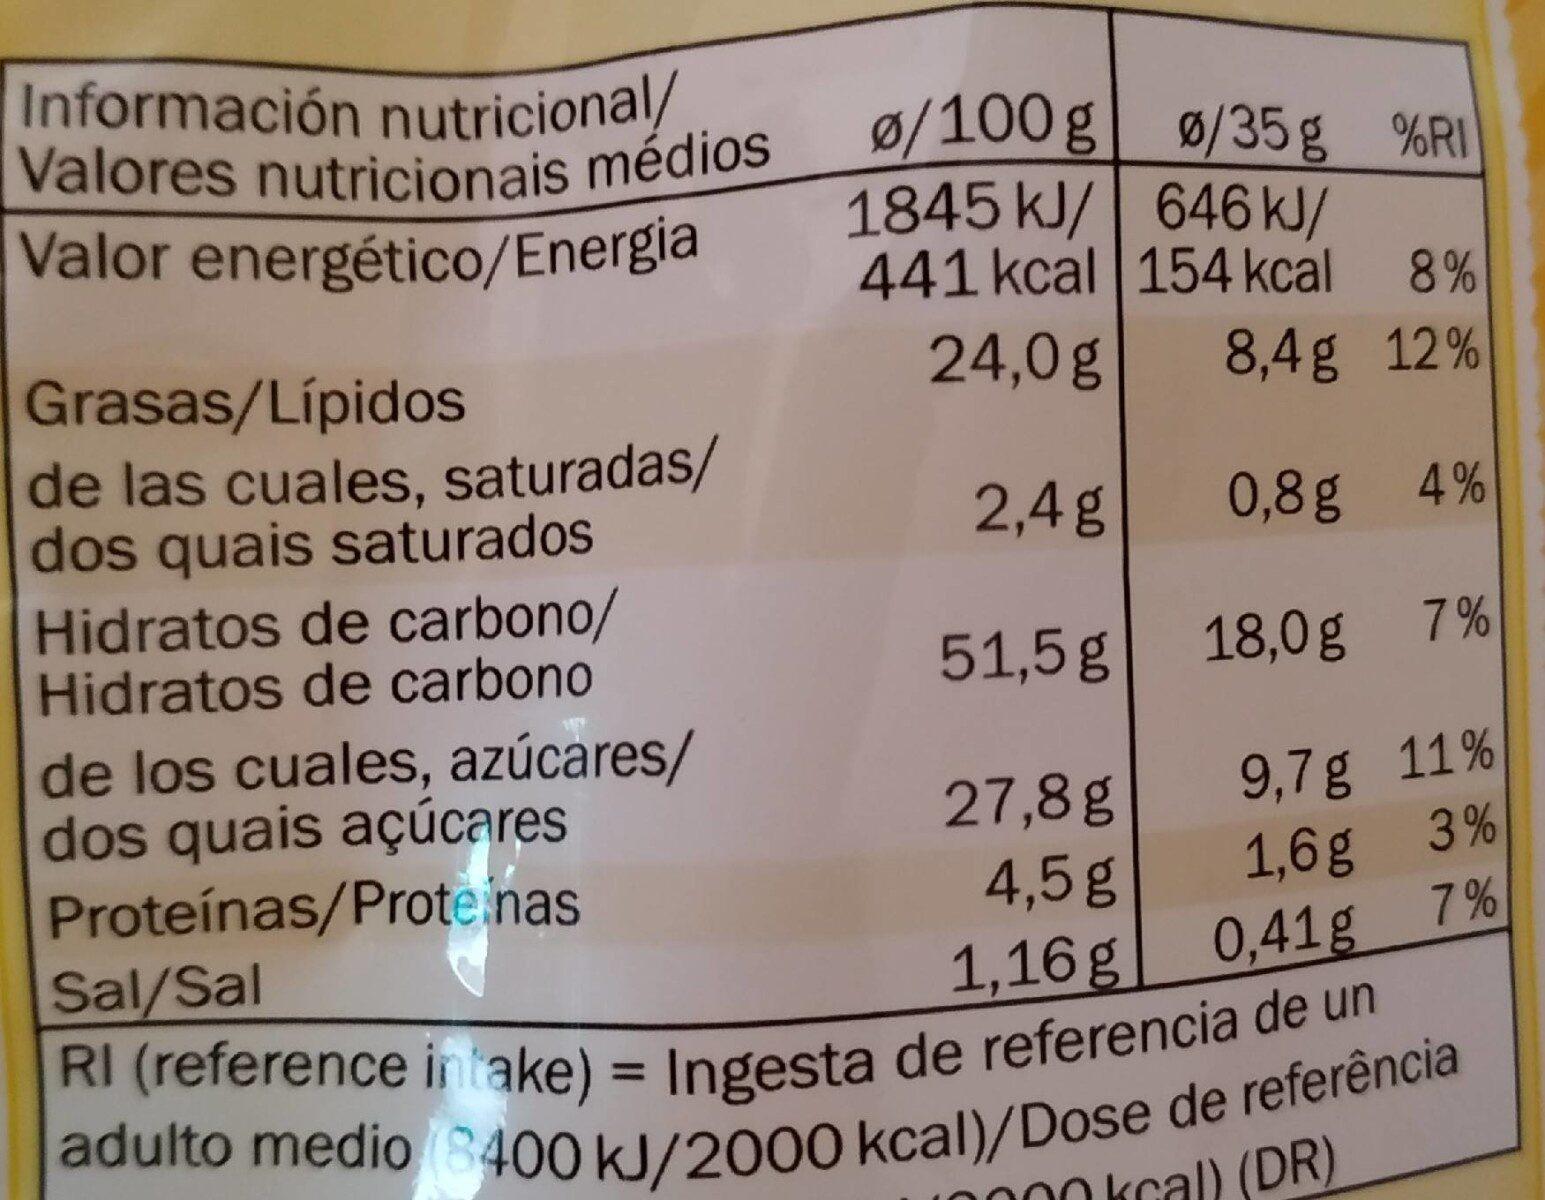 Bizcochos de limón - Informació nutricional - es